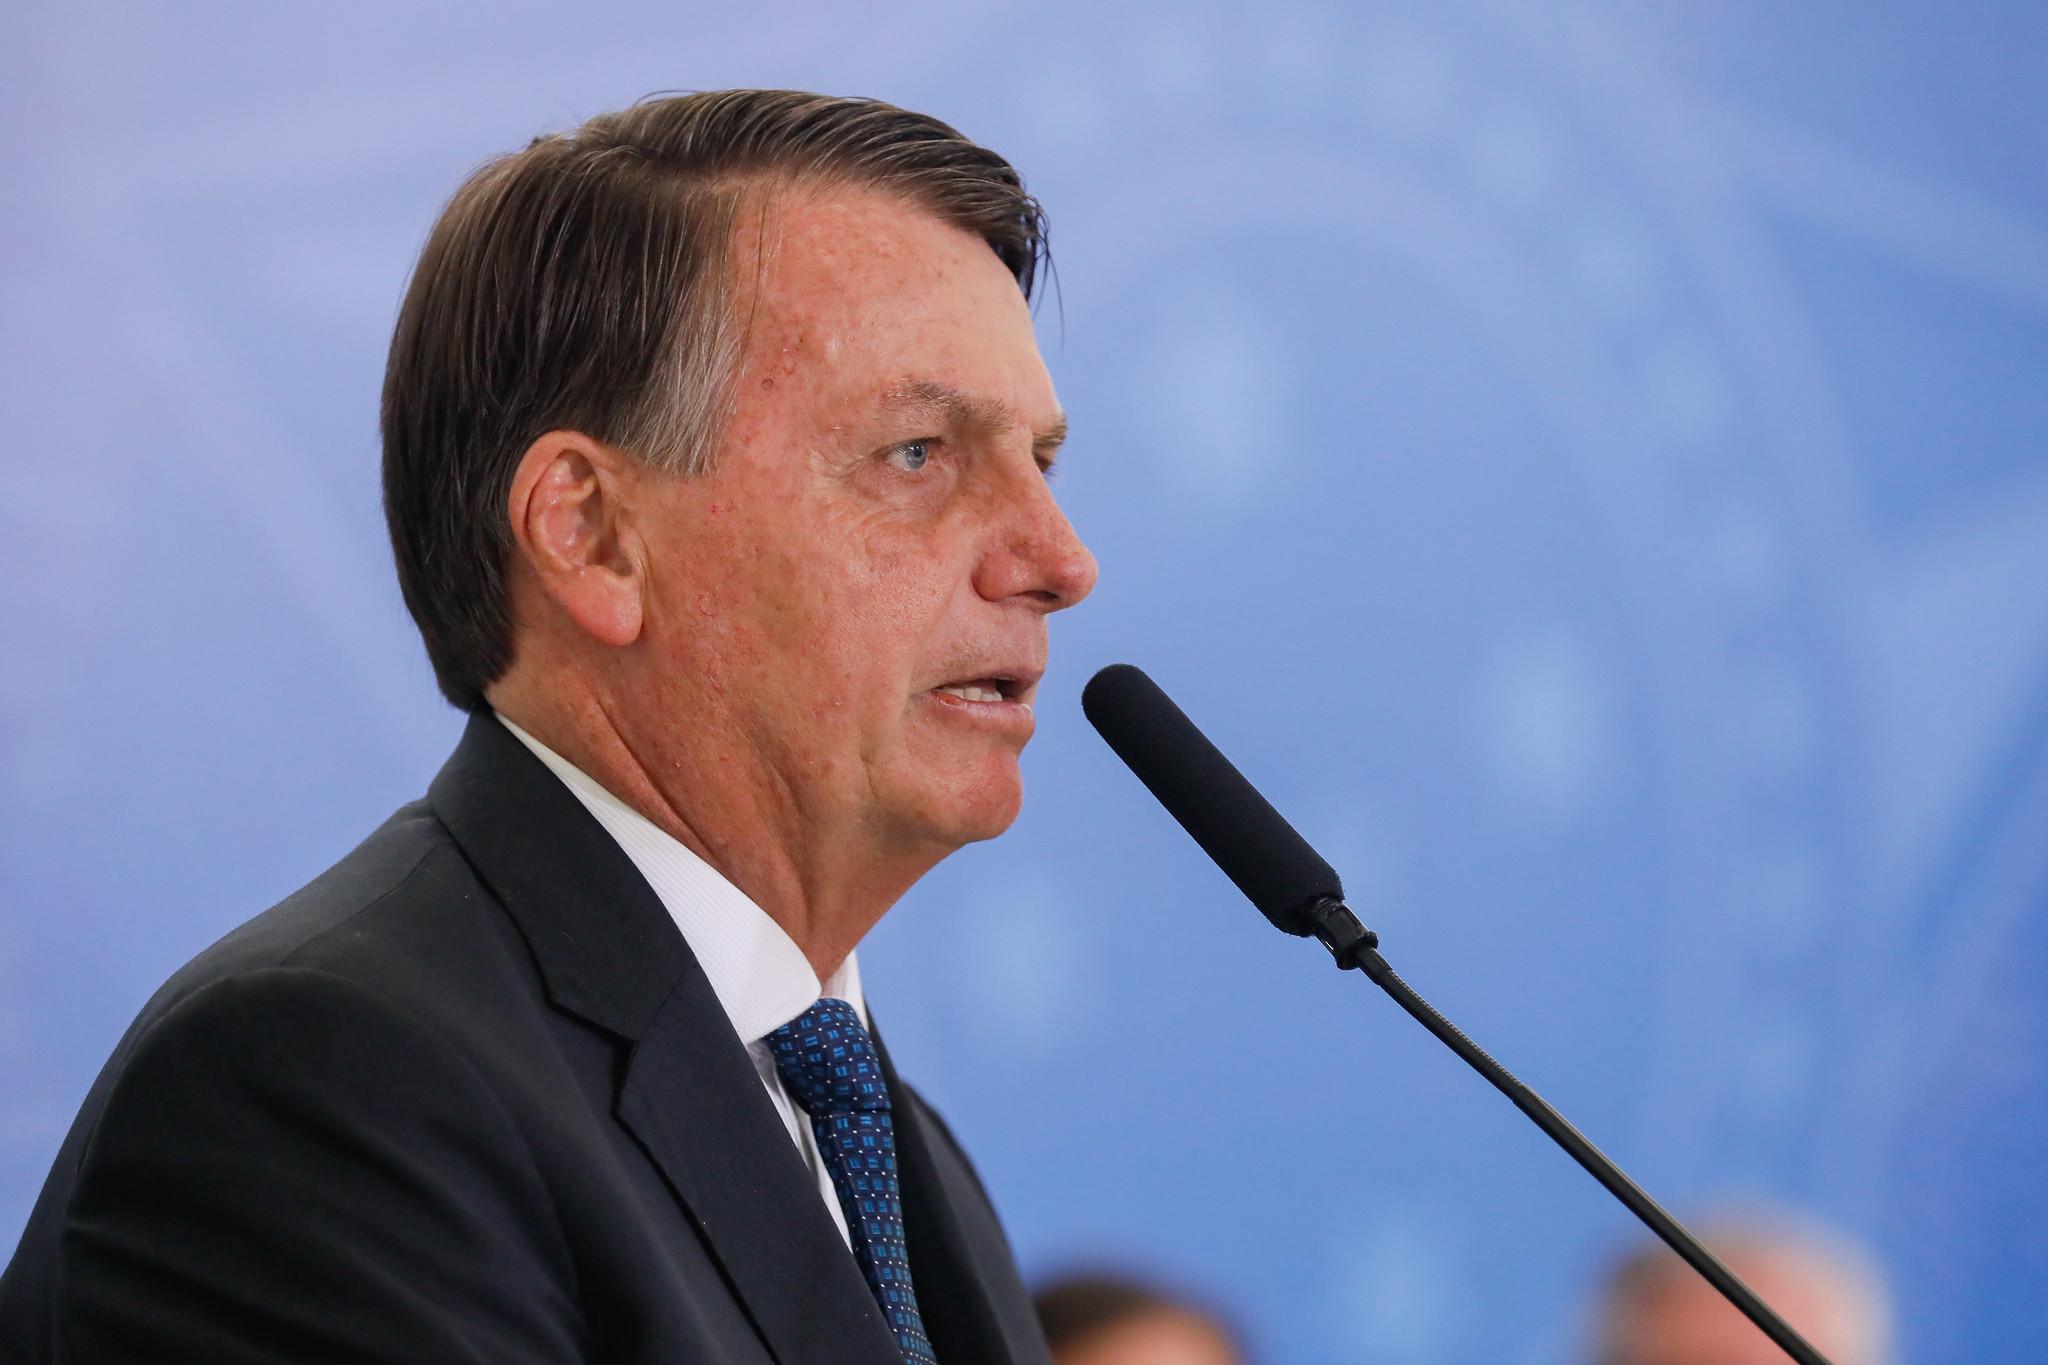 IMAGEM: MP de Bolsonaro pode tirar 500 mil pessoas do BPC